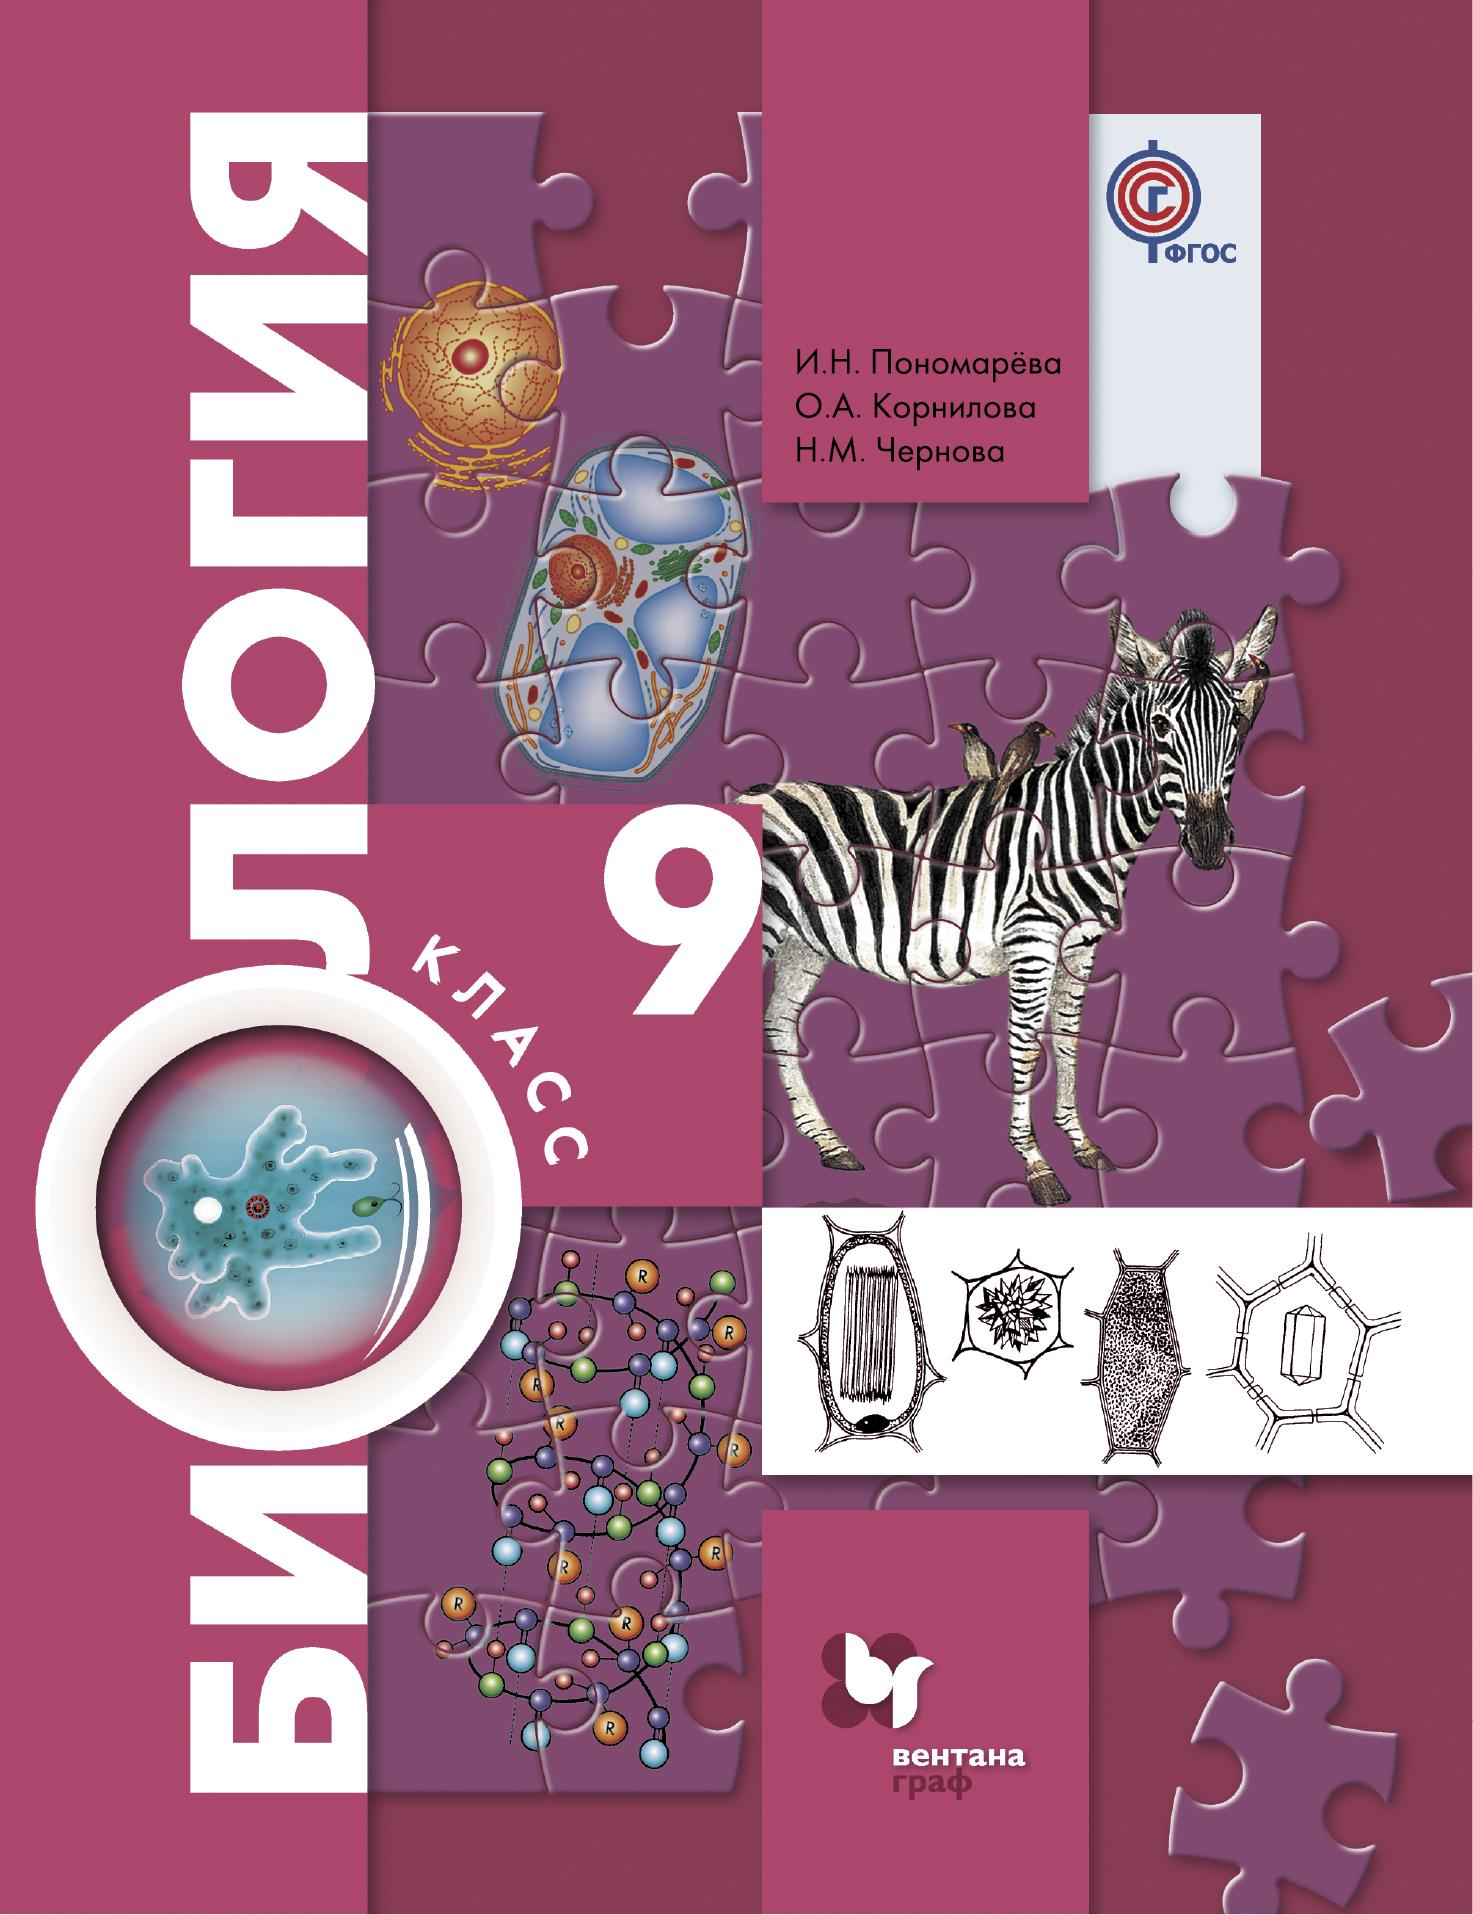 Учебник биология 9 класс пономаревой параграф